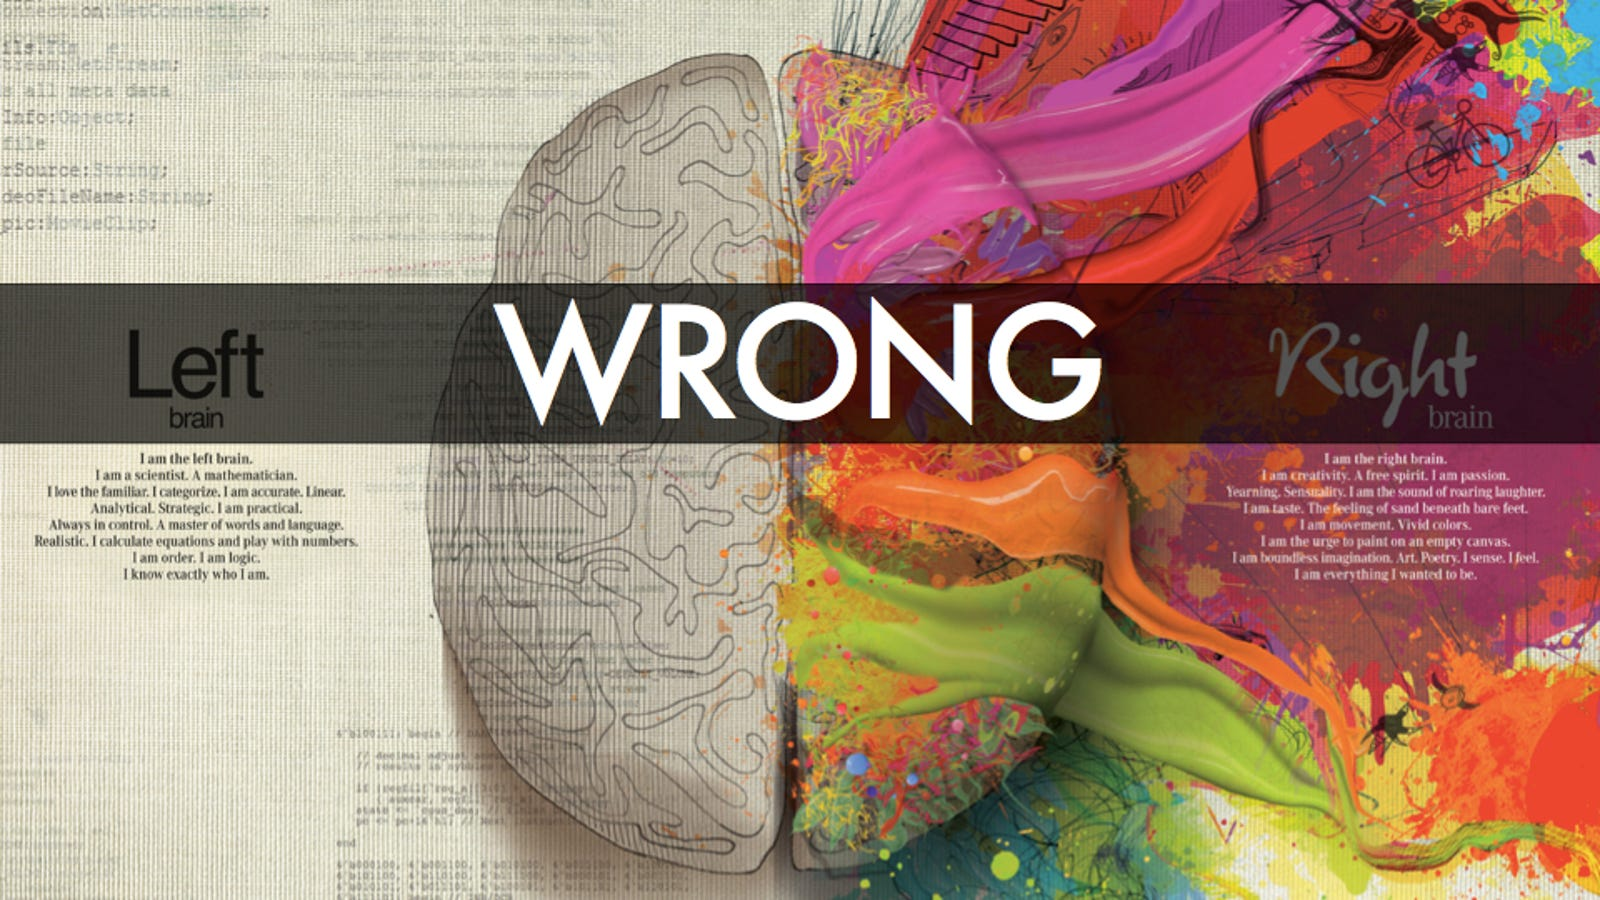 Left Brain Right Brain Wallpaper